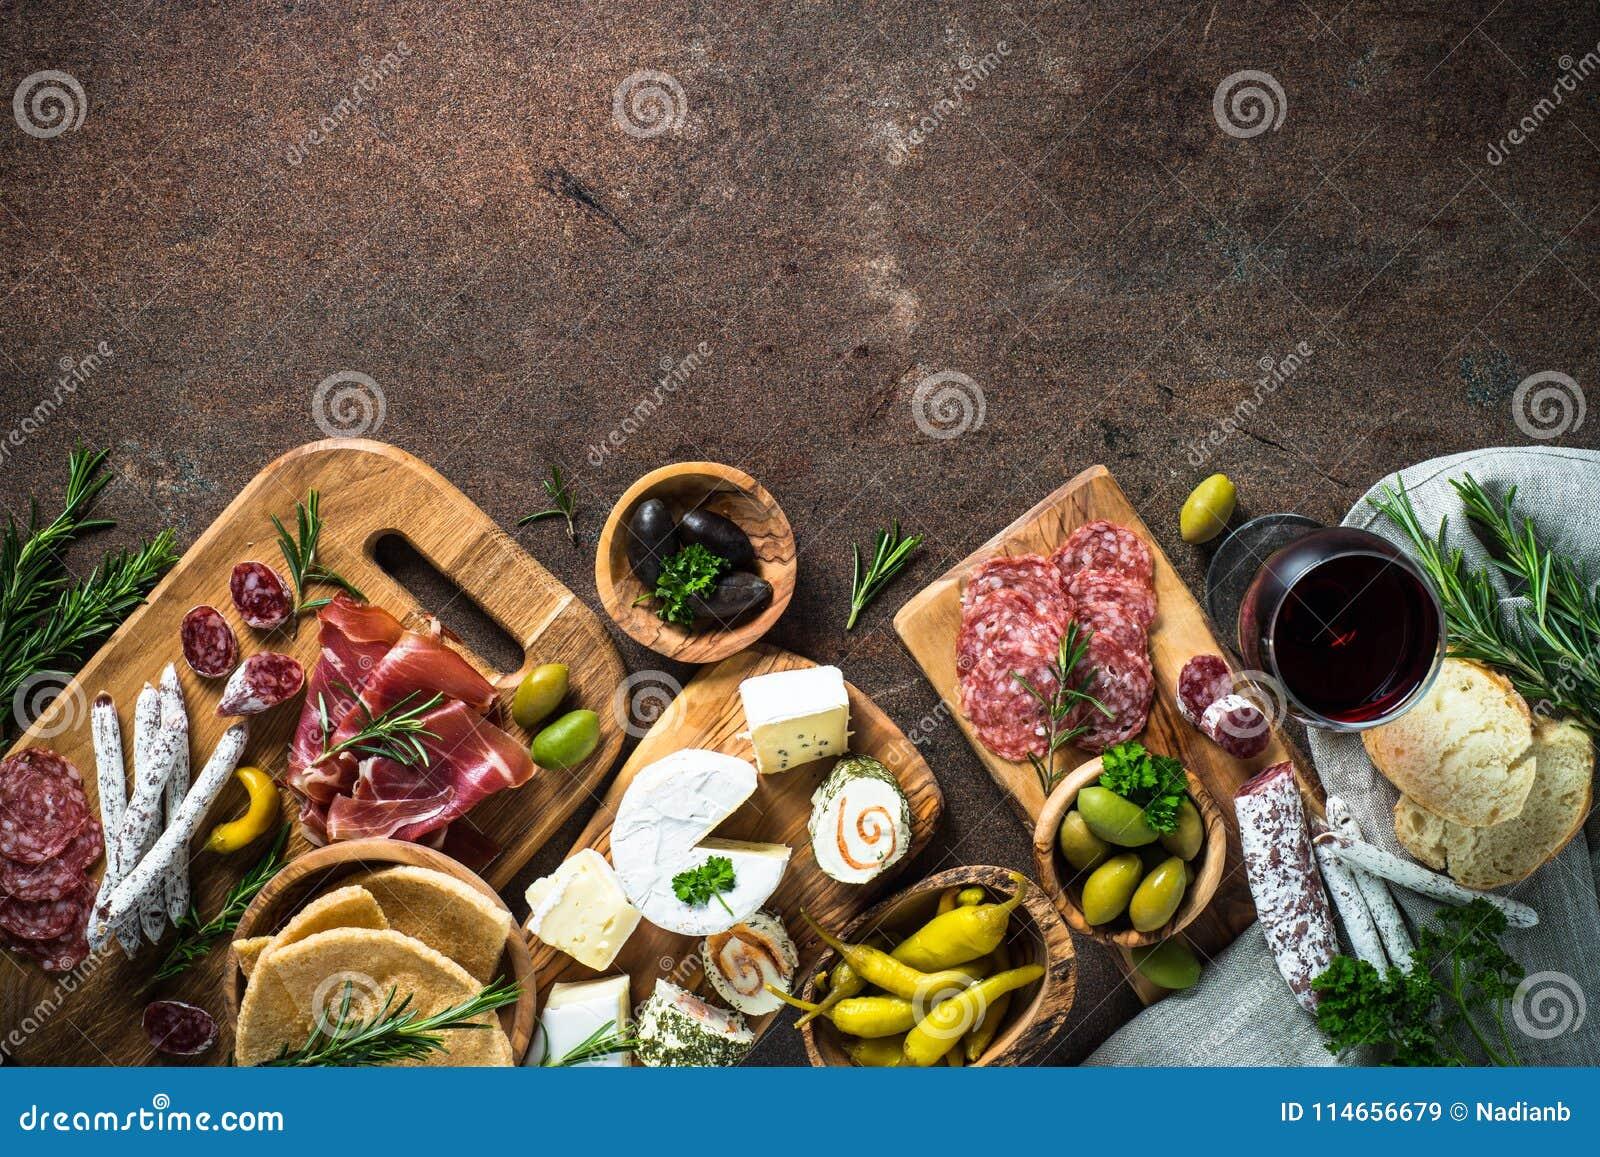 Λιχουδιές Antipasto - κρέας, τυρί, ελιές και κρασί στην πέτρα